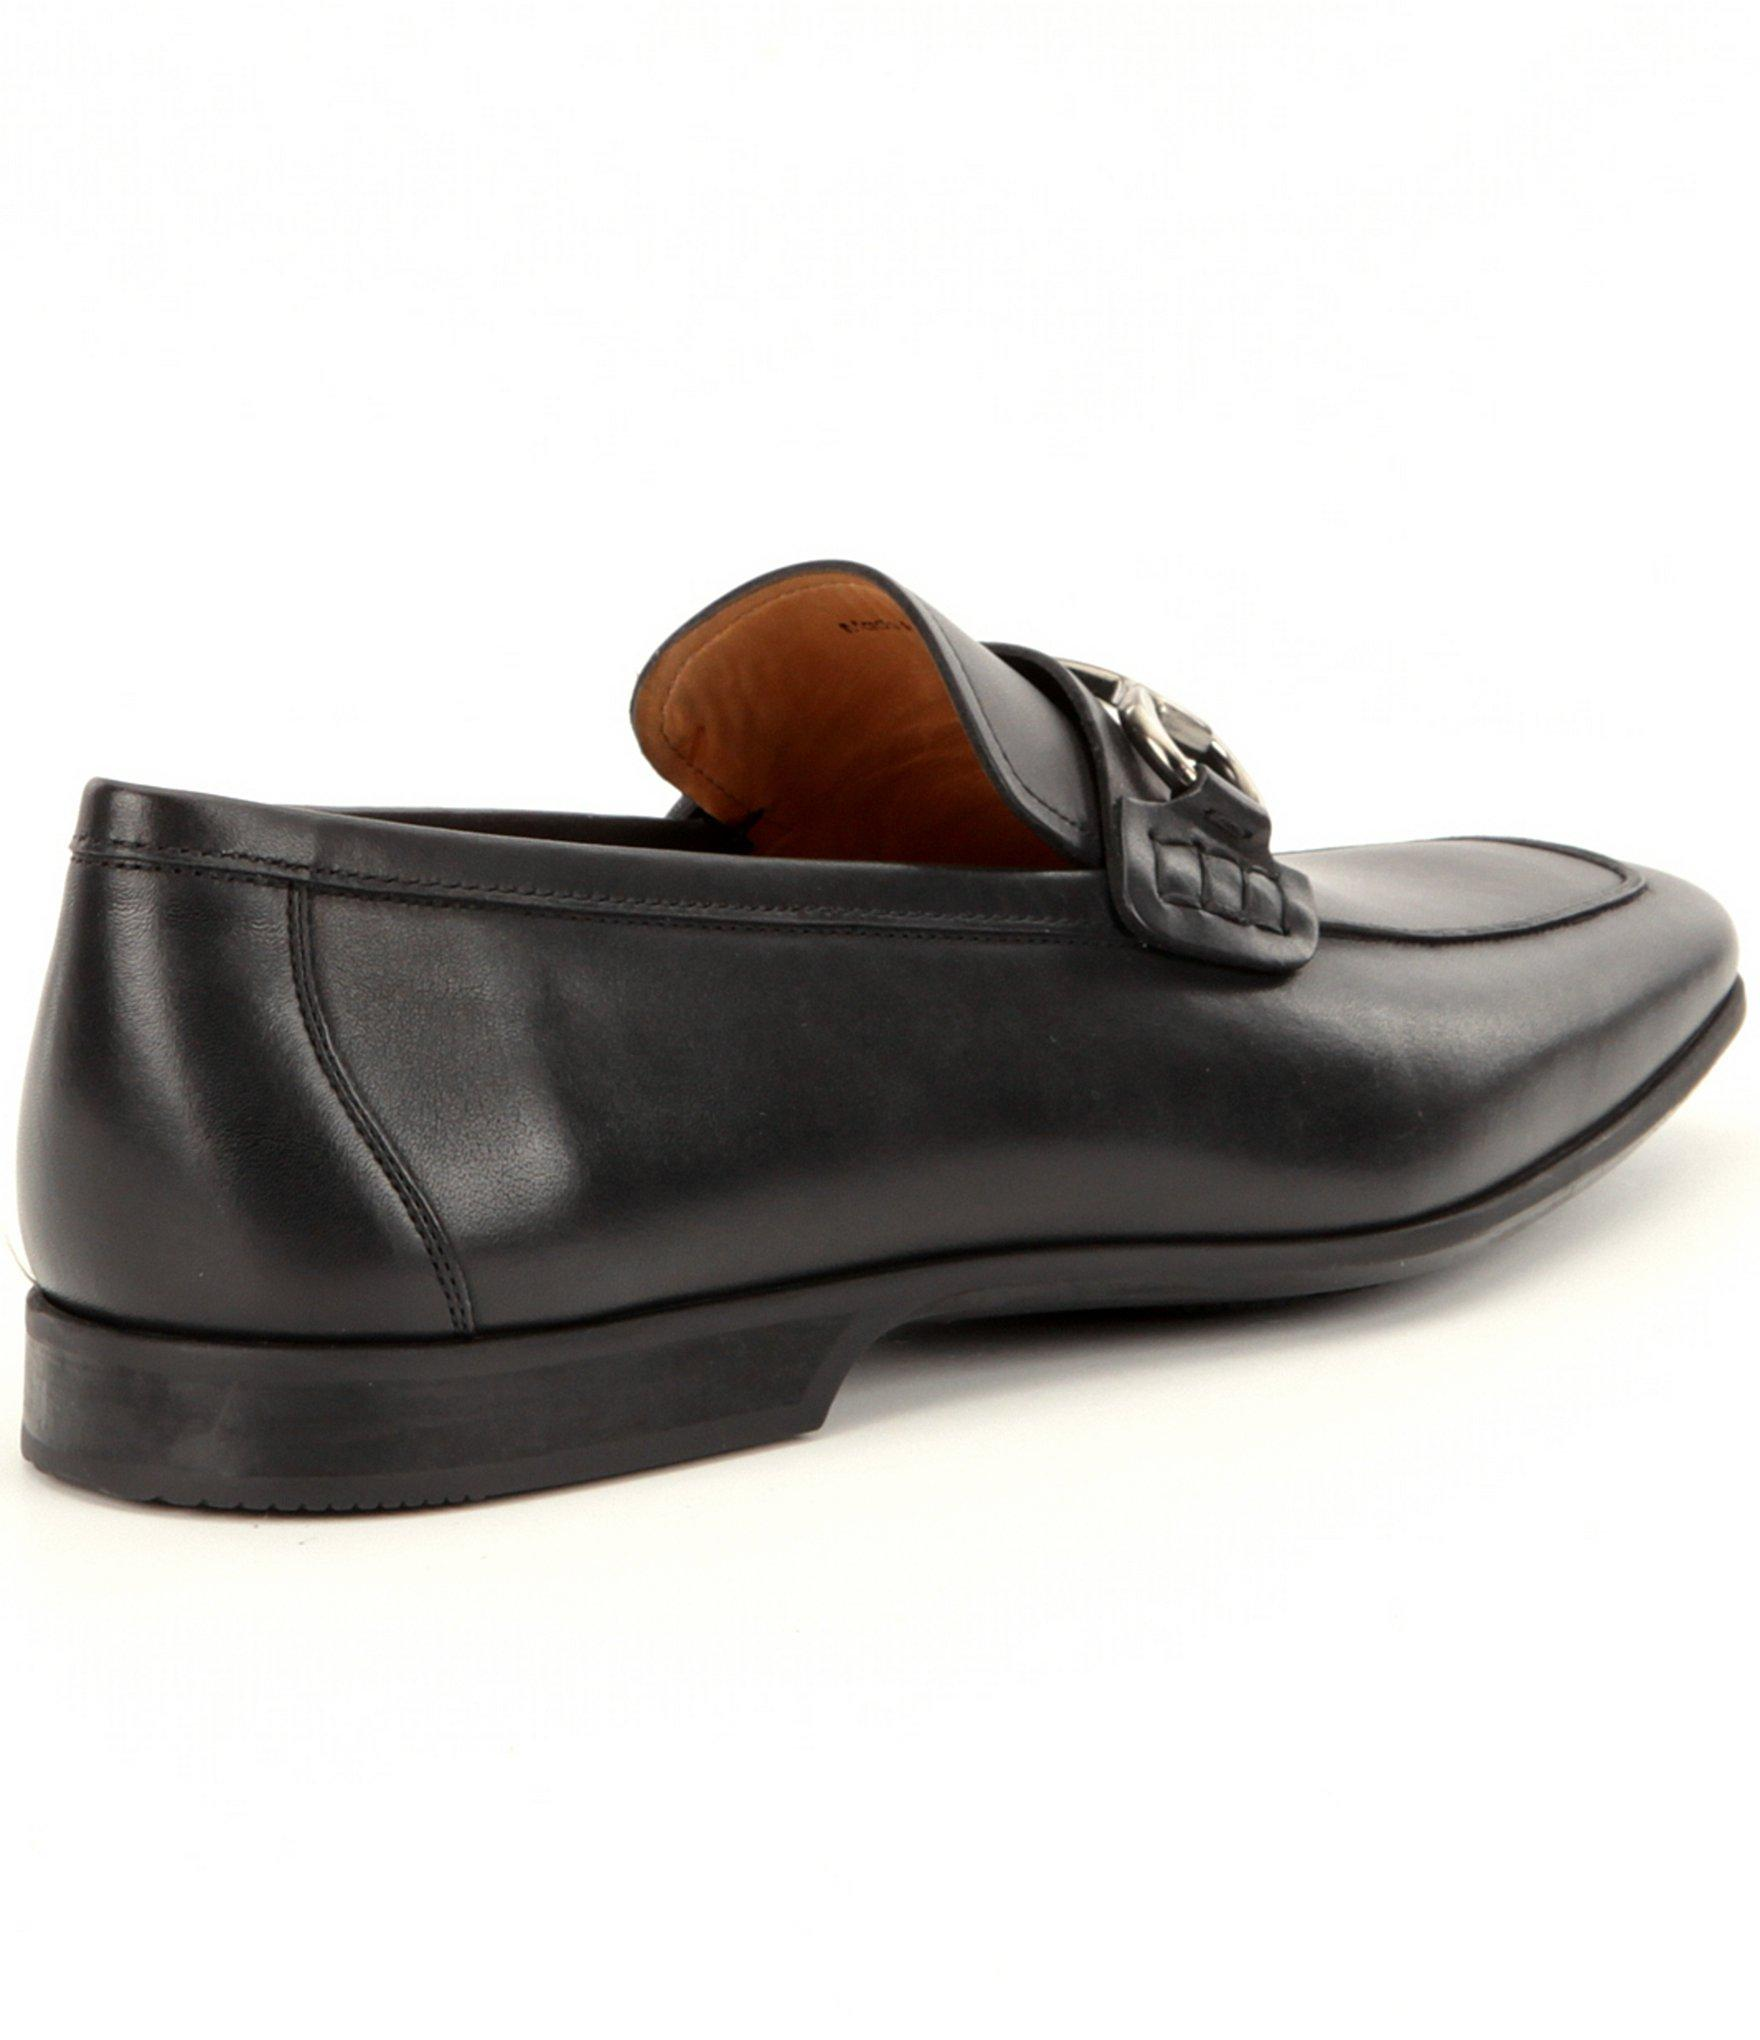 8a98ed1d87a53 Black Men's Rafa 2 Leather Bit Buckle Detail Moc-toe Dress Shoes